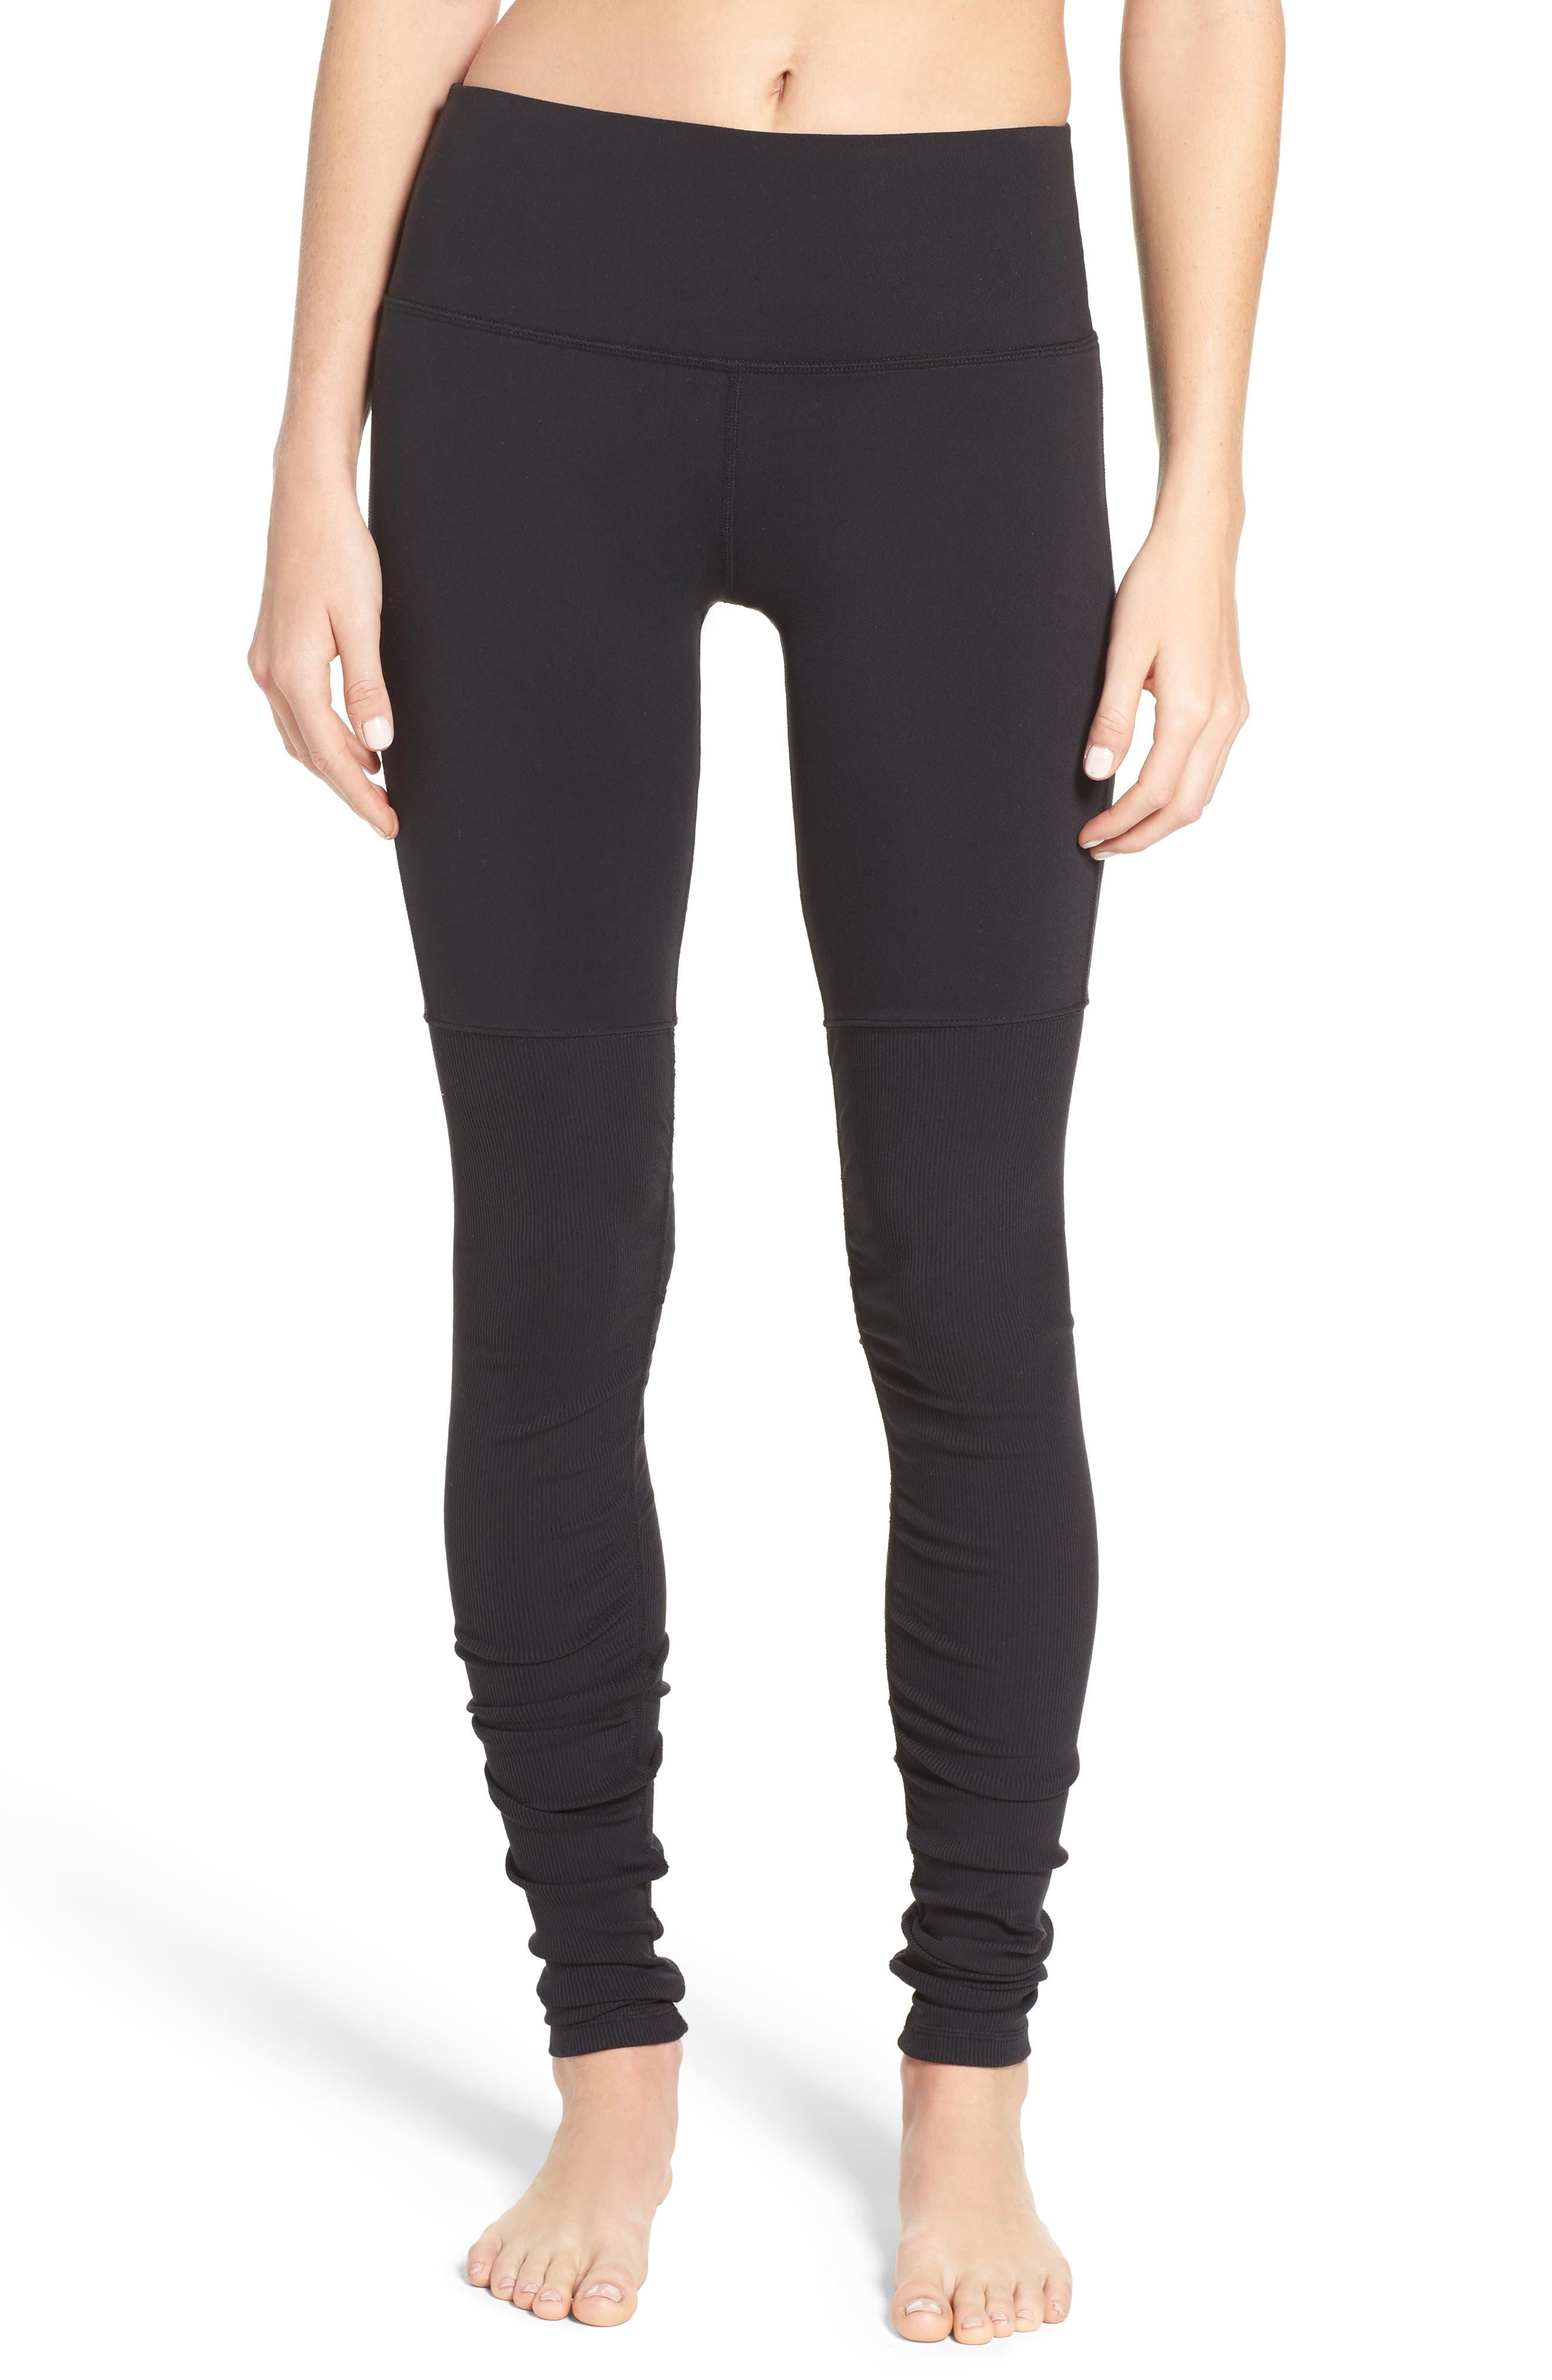 ALO Goddess High Waist Leggings, Main, color, BLACK/ BLACK